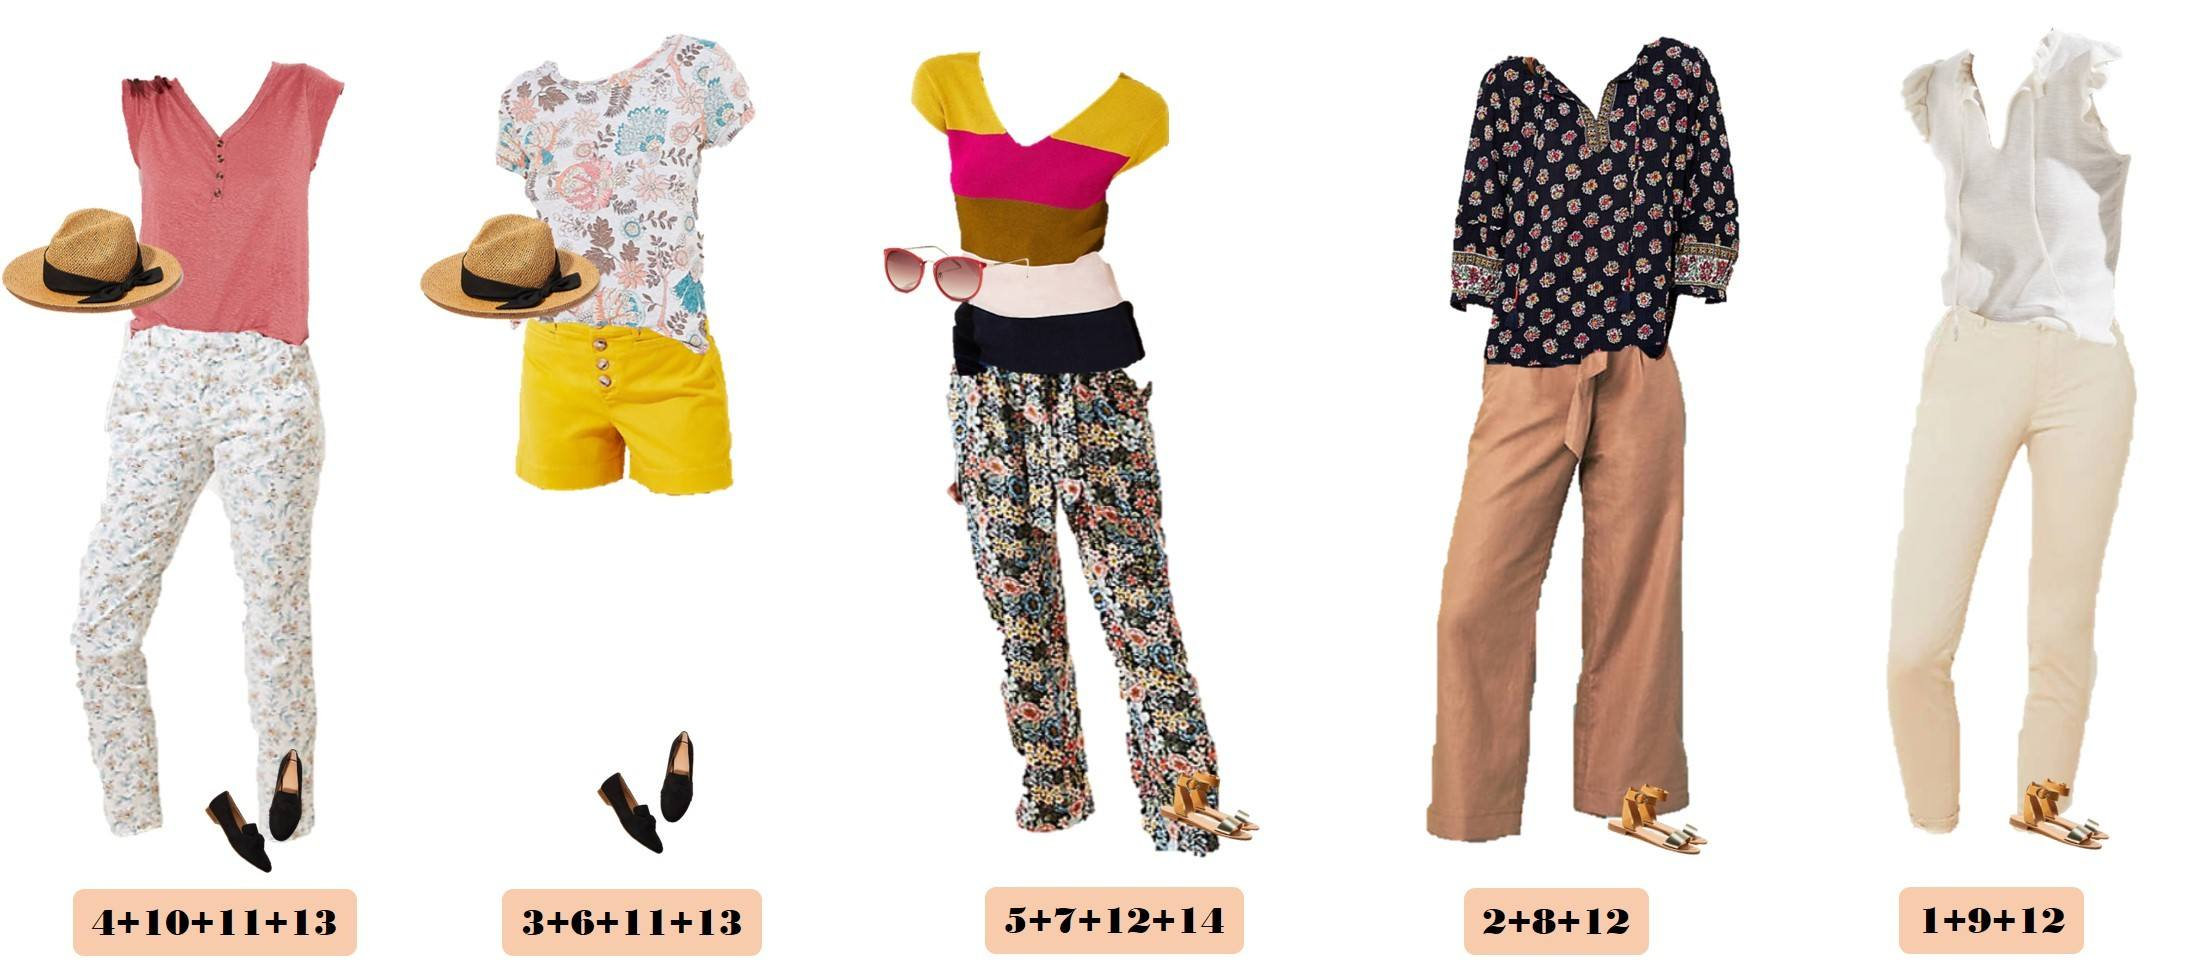 2020 spring capsule wardrobe